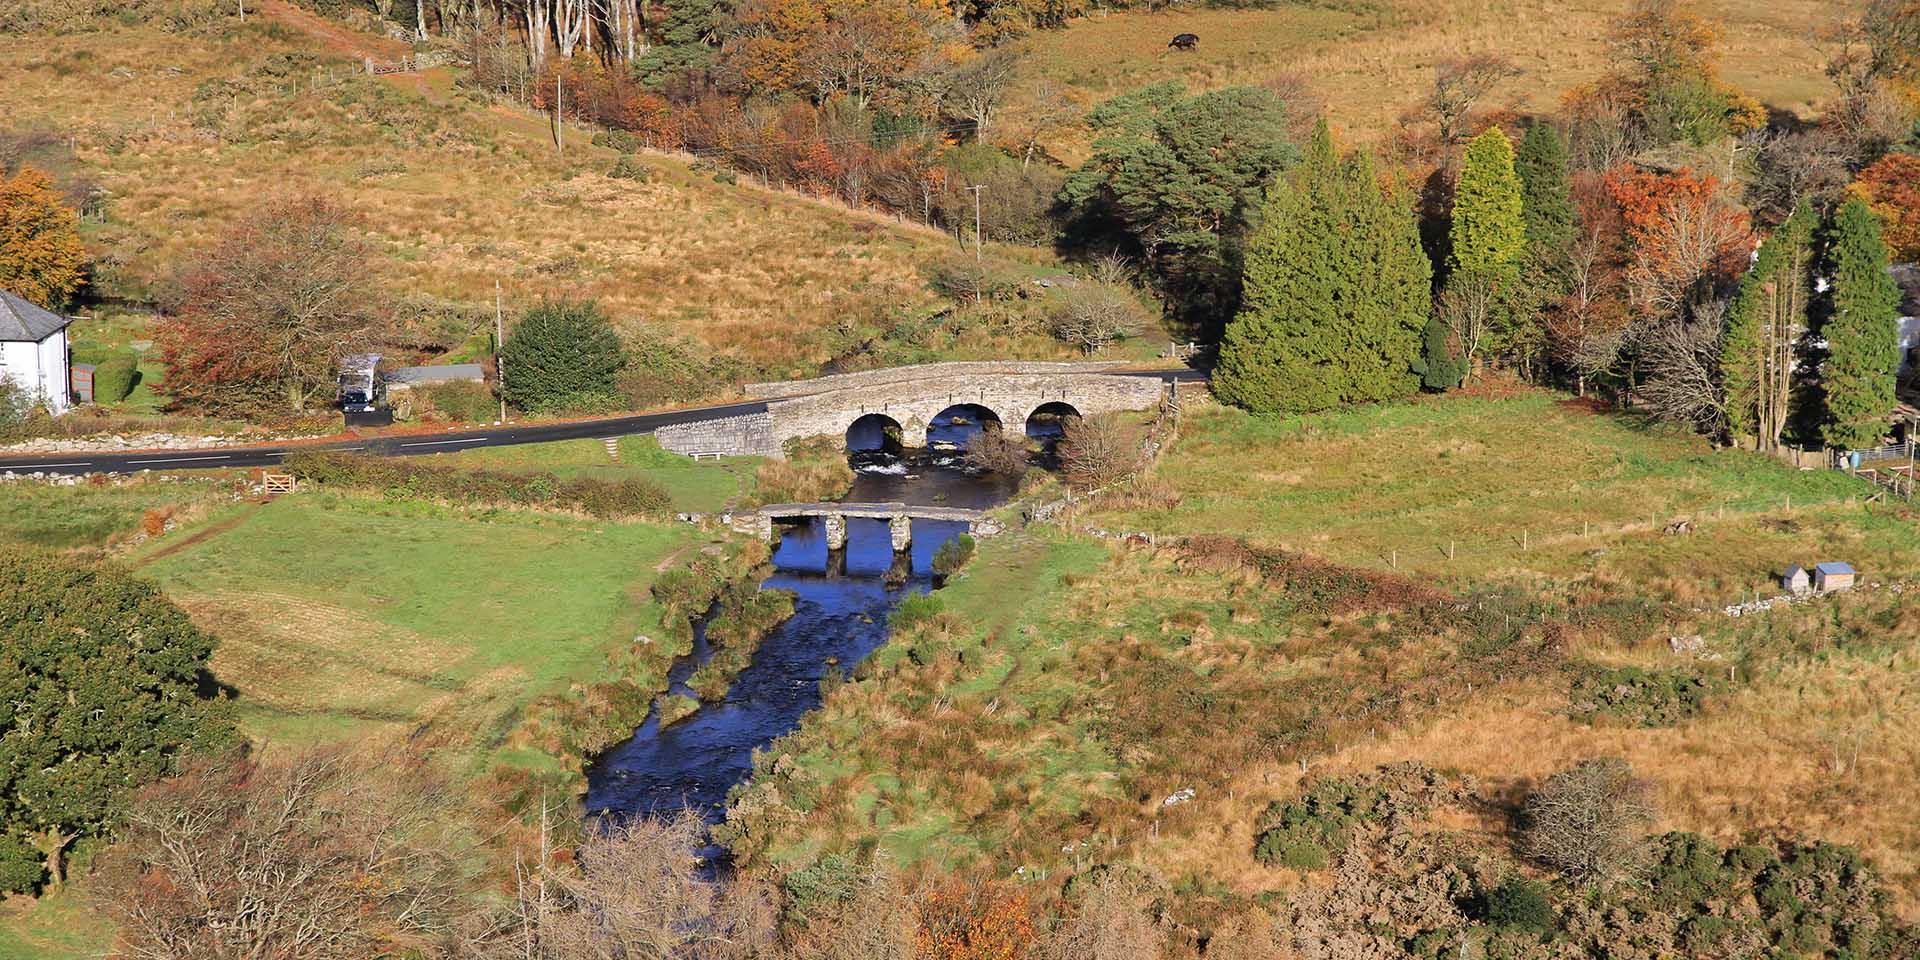 Aerial view of Postbridge clapper bridge